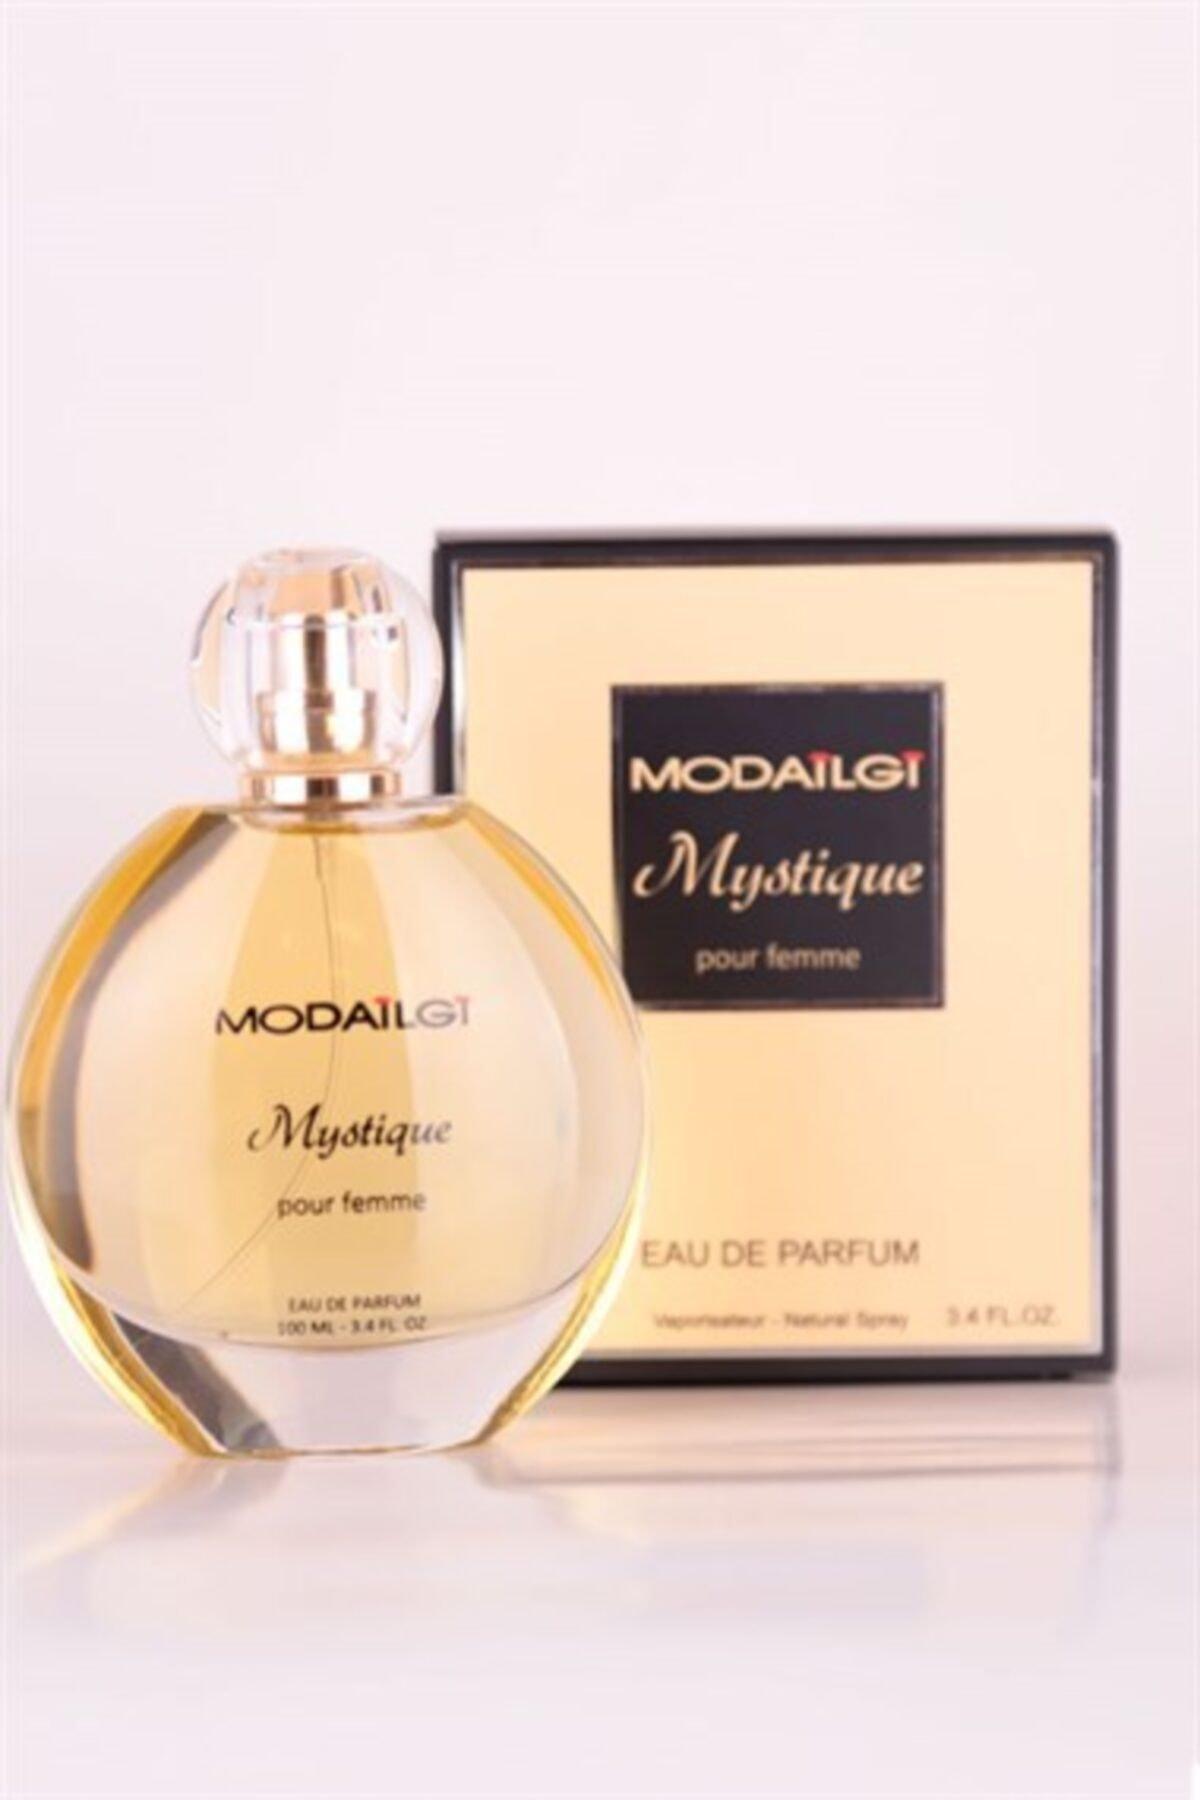 Moda İlgi Kadın Parfüm 100 ml 1